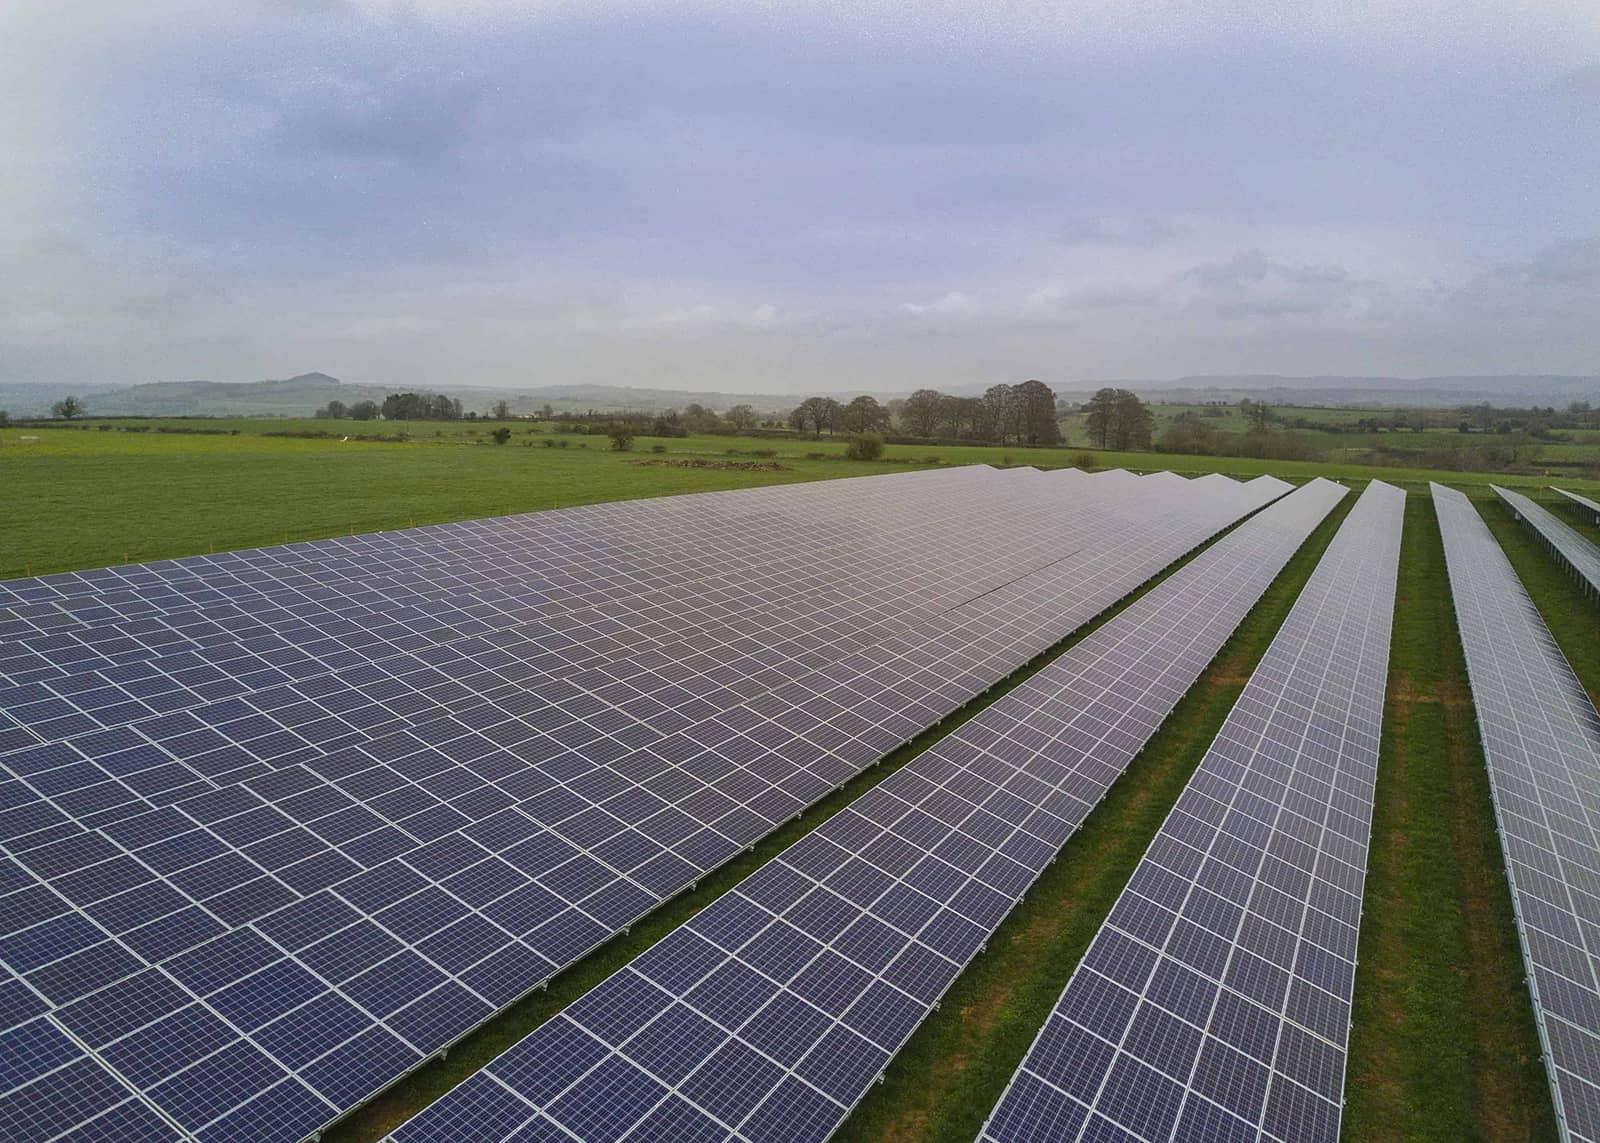 Projekt o mocy 2 MWp, zrealizowany w Somerset w Wielkiej Brytanii, w ramach programu ROC 1.2